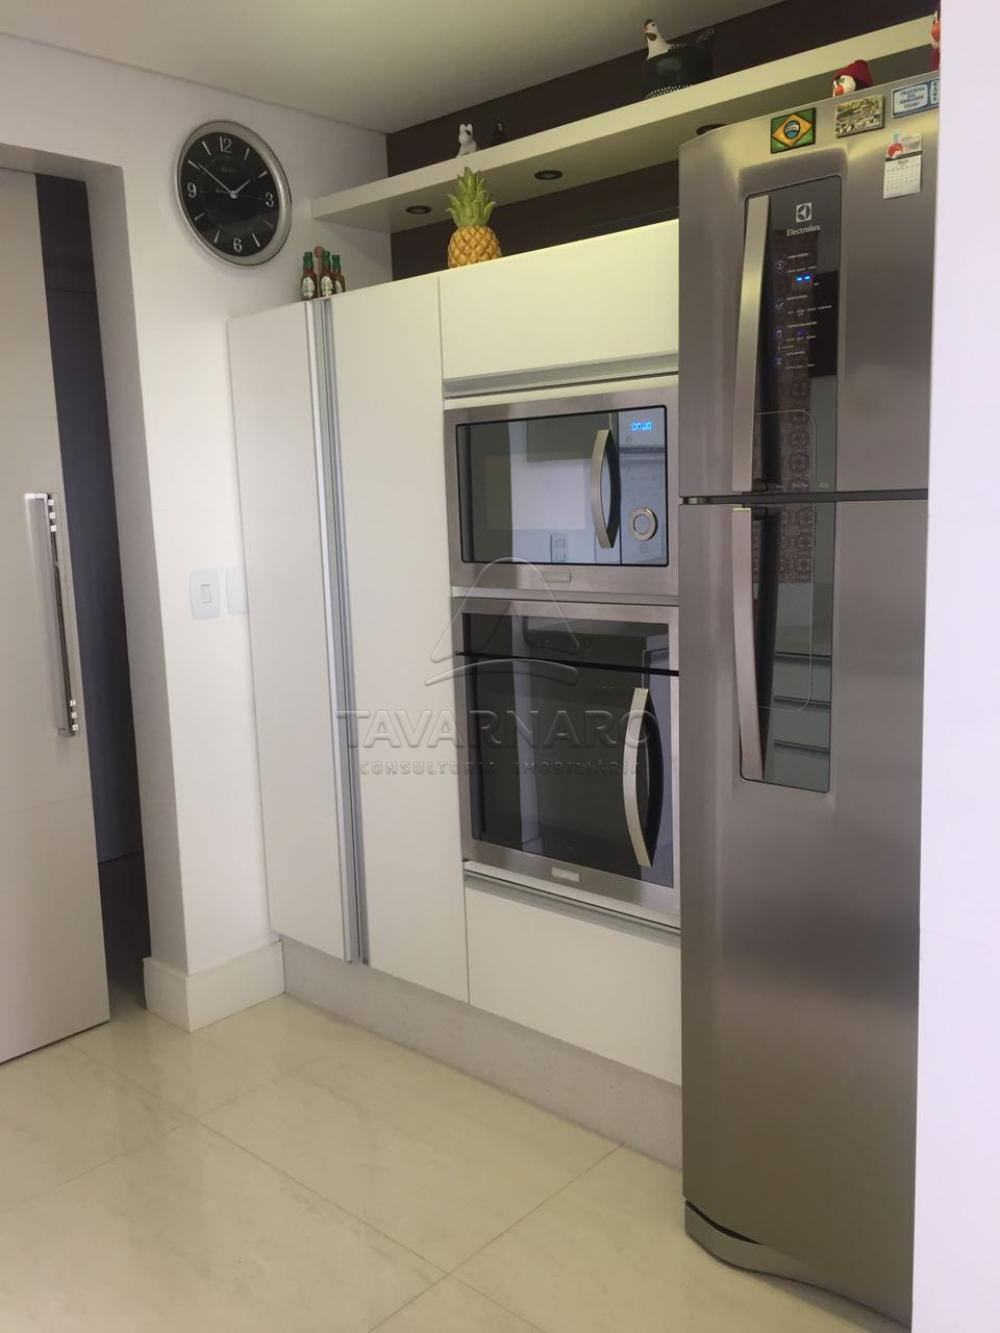 Comprar Apartamento / Padrão em Ponta Grossa apenas R$ 795.000,00 - Foto 35